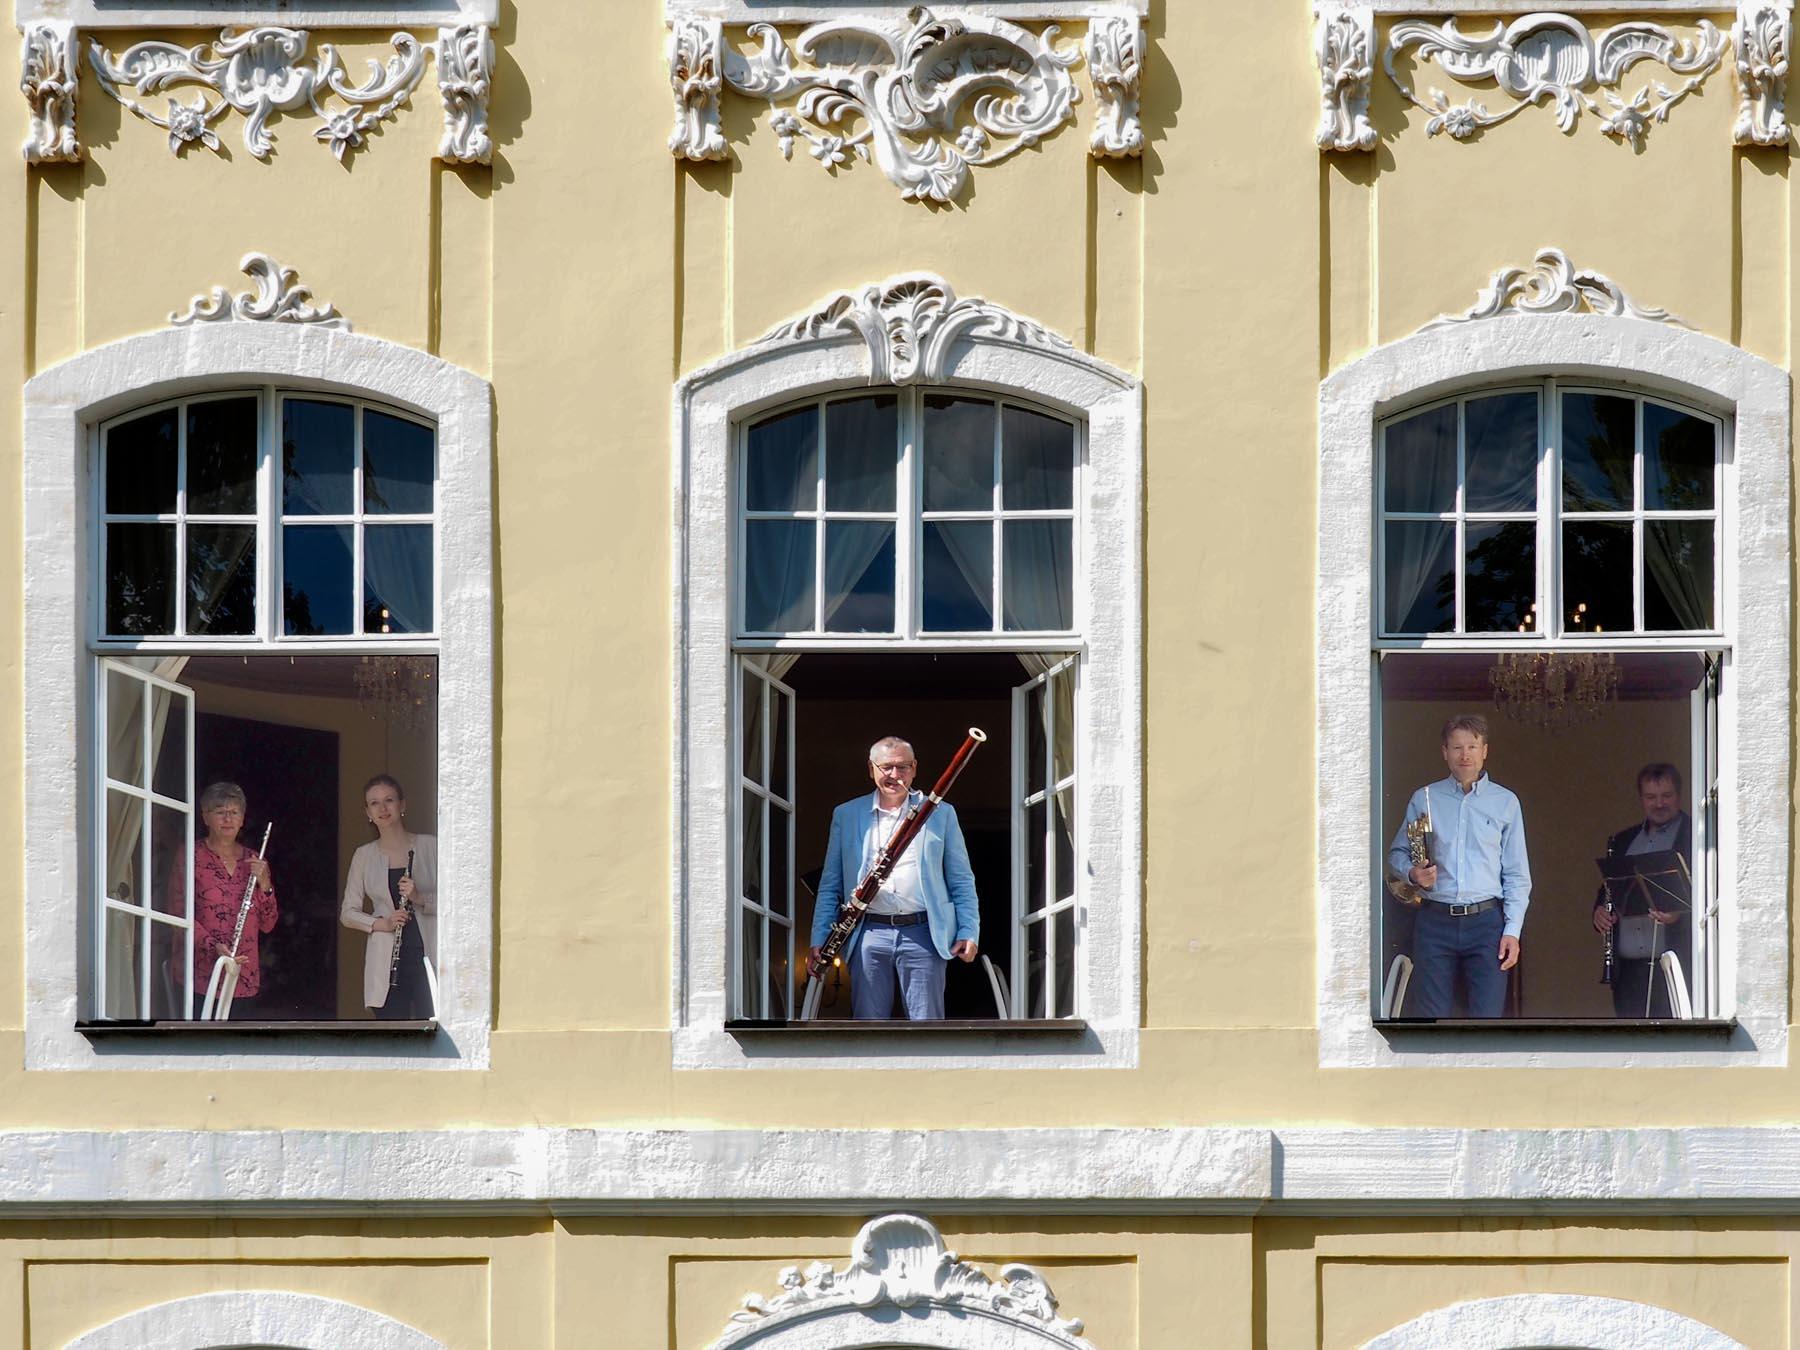 Fensterständchen Döring-Bläserquintett des MDR im Gohliser Schlösschen